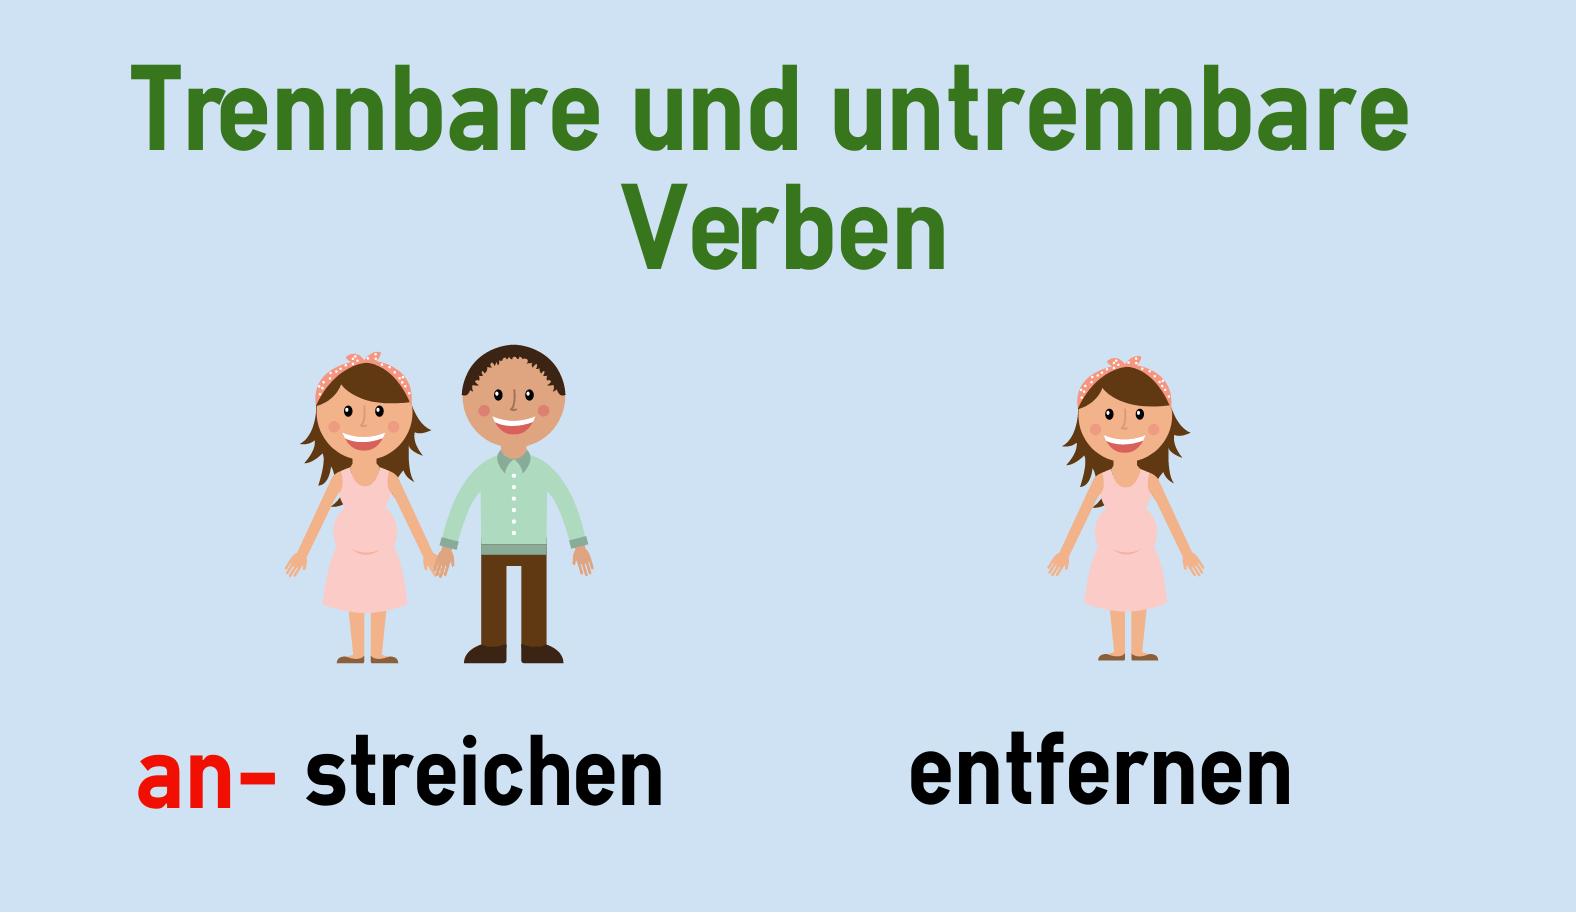 Động từ tách trong tiếng Đức